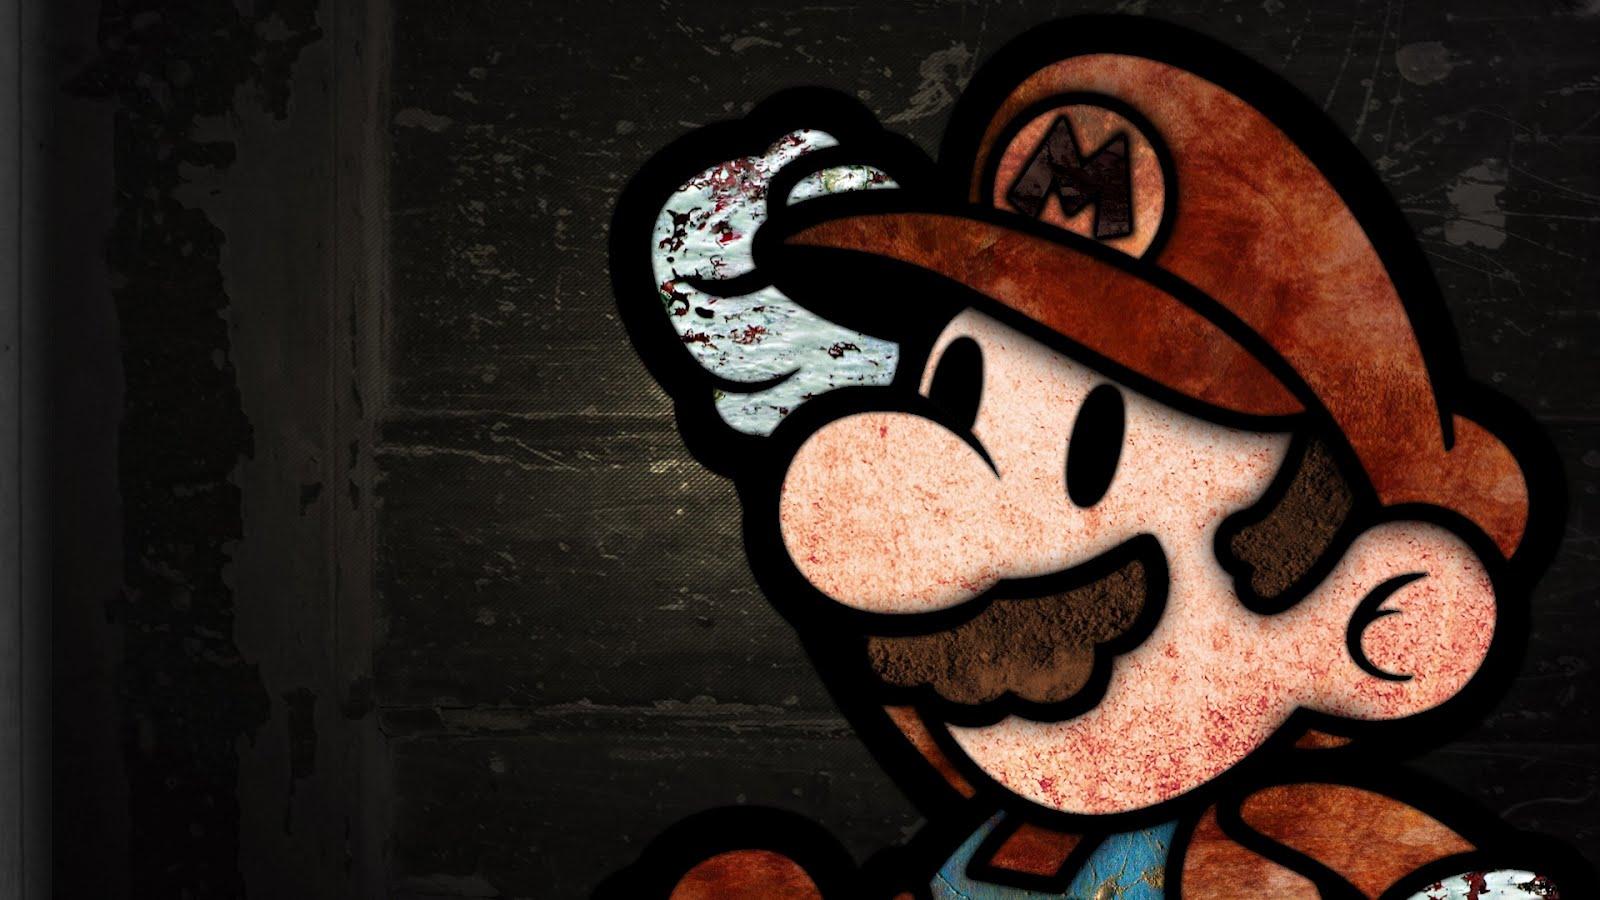 http://1.bp.blogspot.com/-d2cMYsKQMCM/T6rcuHnoV9I/AAAAAAAAAC8/70taA-dxkRA/s1600/Mario-mario-wallpaper-hd-games-1920x1080.jpg